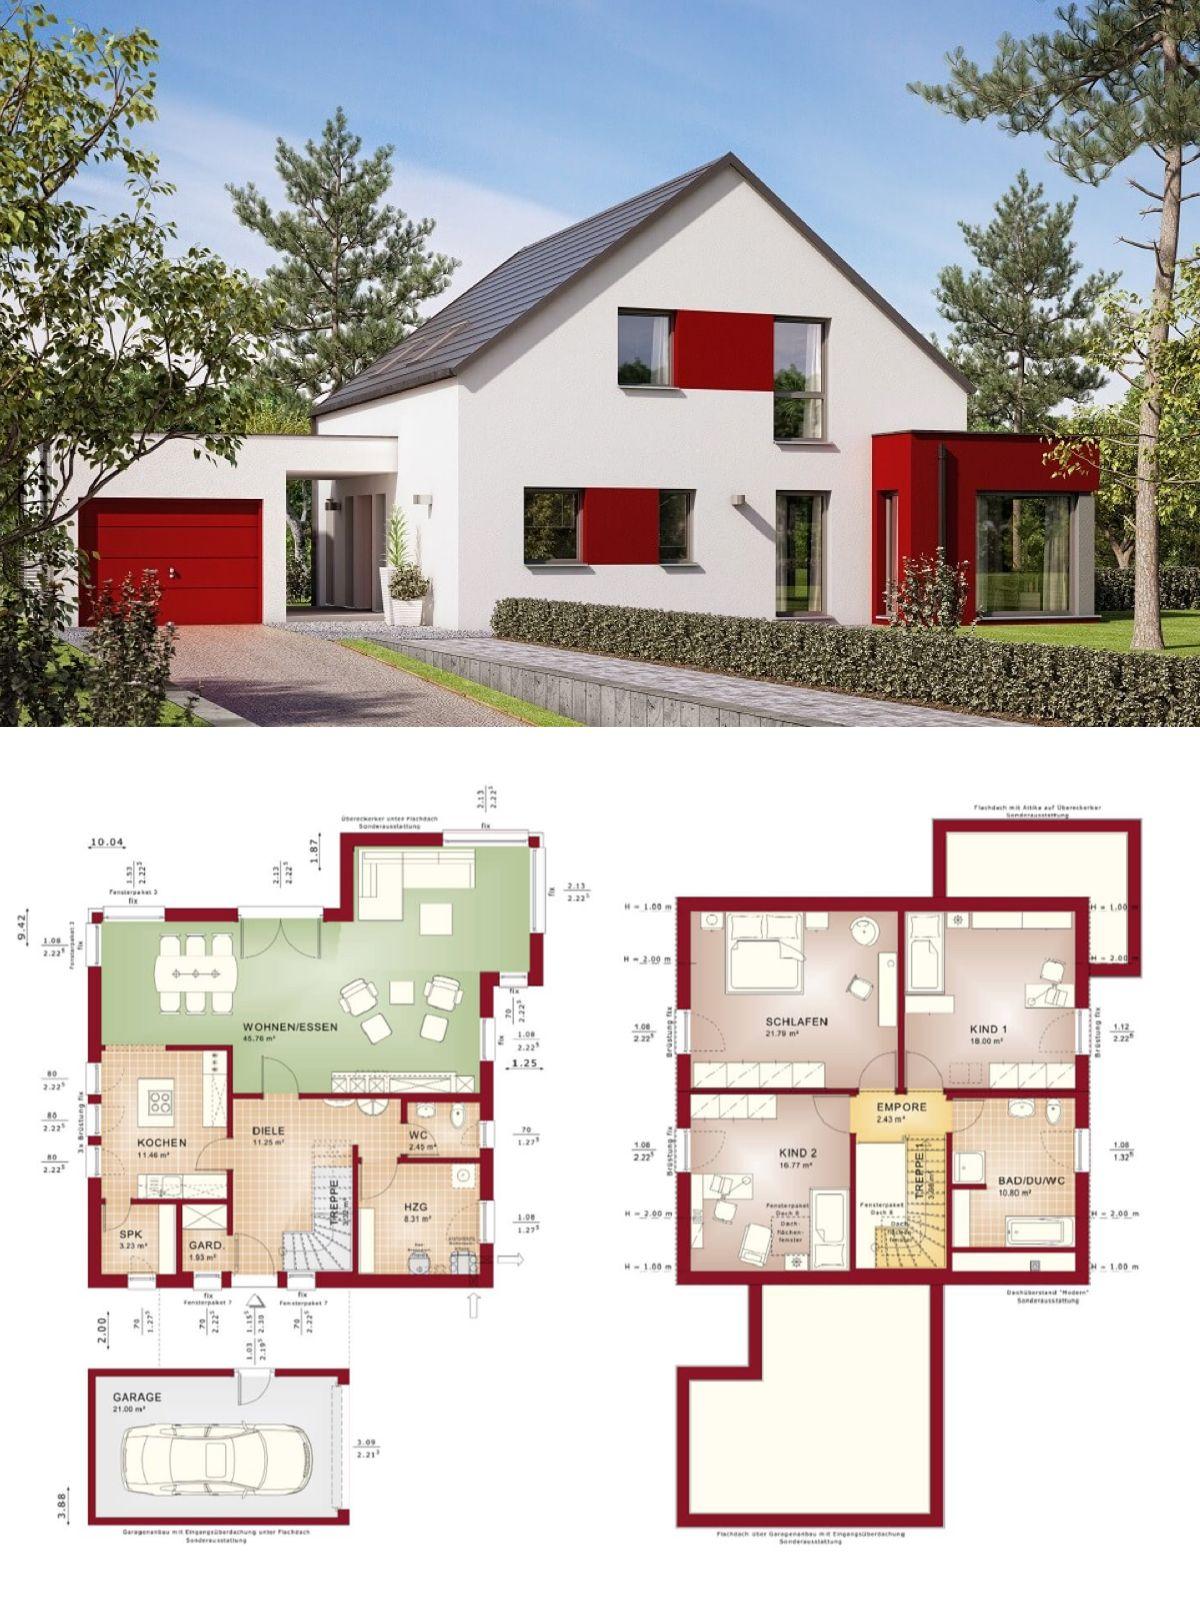 Einfamilienhaus mit Garage und Satteldach Haus Grundriss